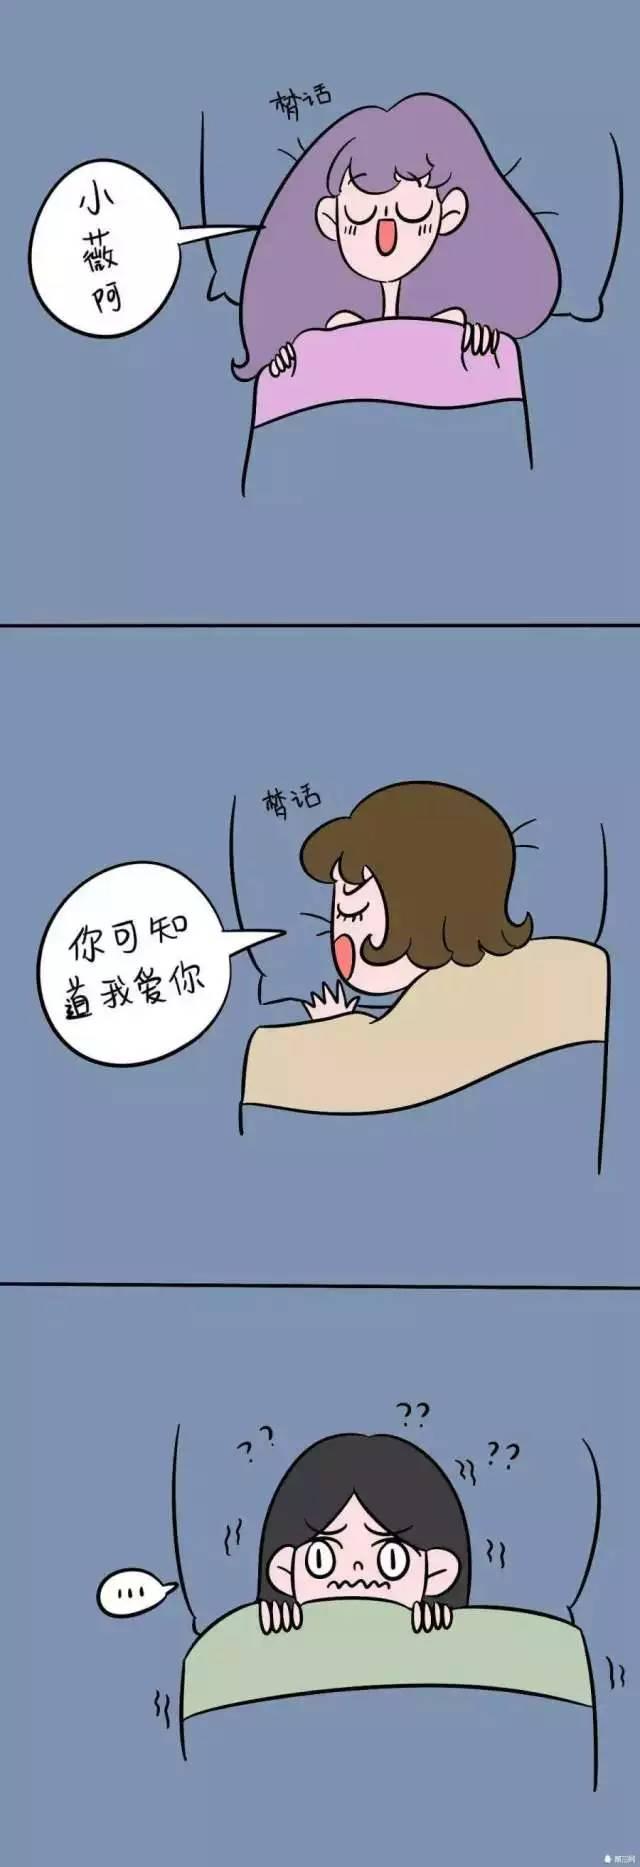 具体表现:当同寝室的人生病了,卧床不起时,想让ta去买点药,千叮咛万图片